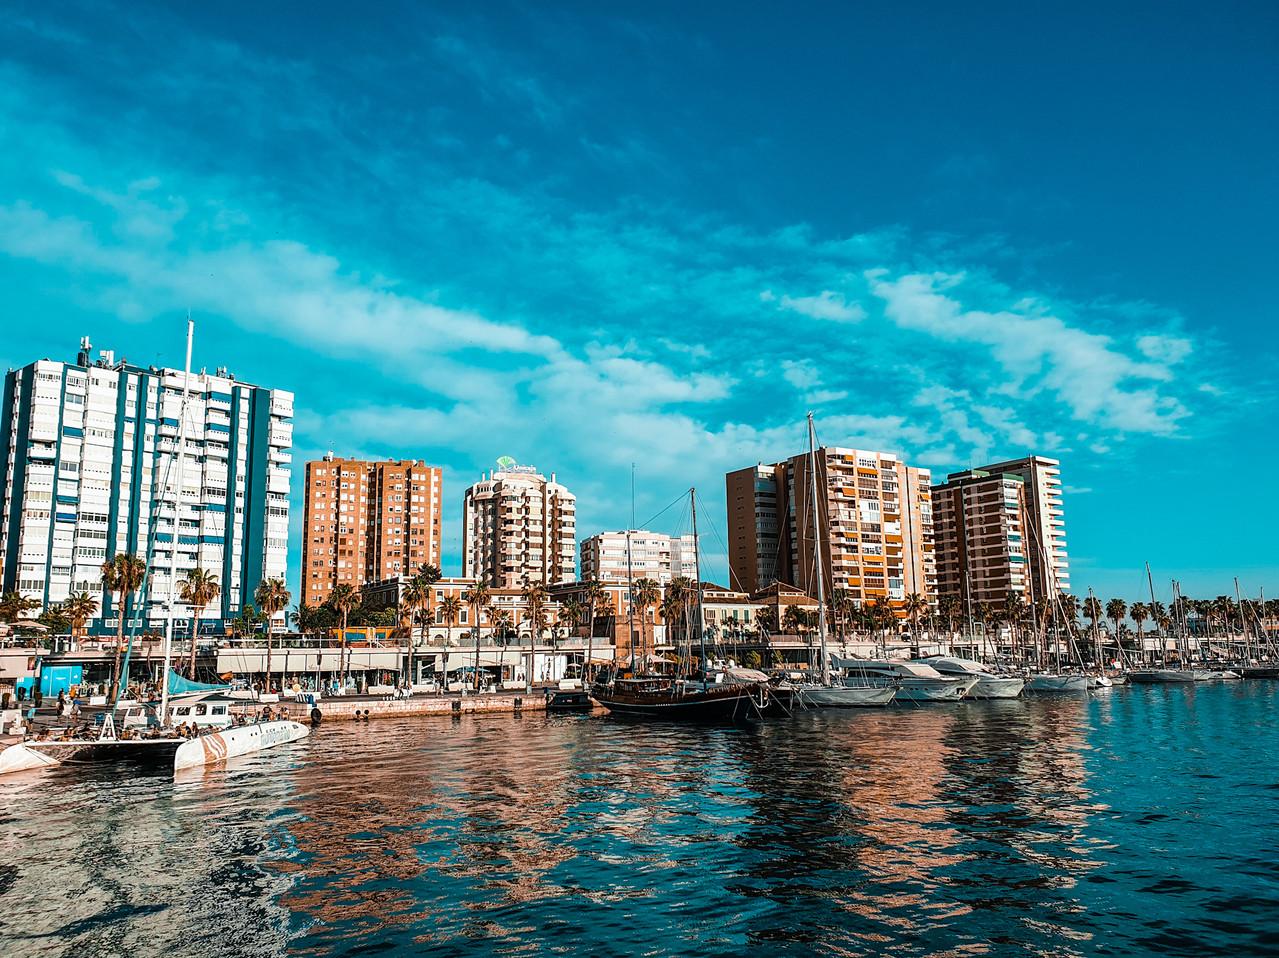 Malaga Hafen- Malaga Harbour - Hafenpromenade - Olivia Libi